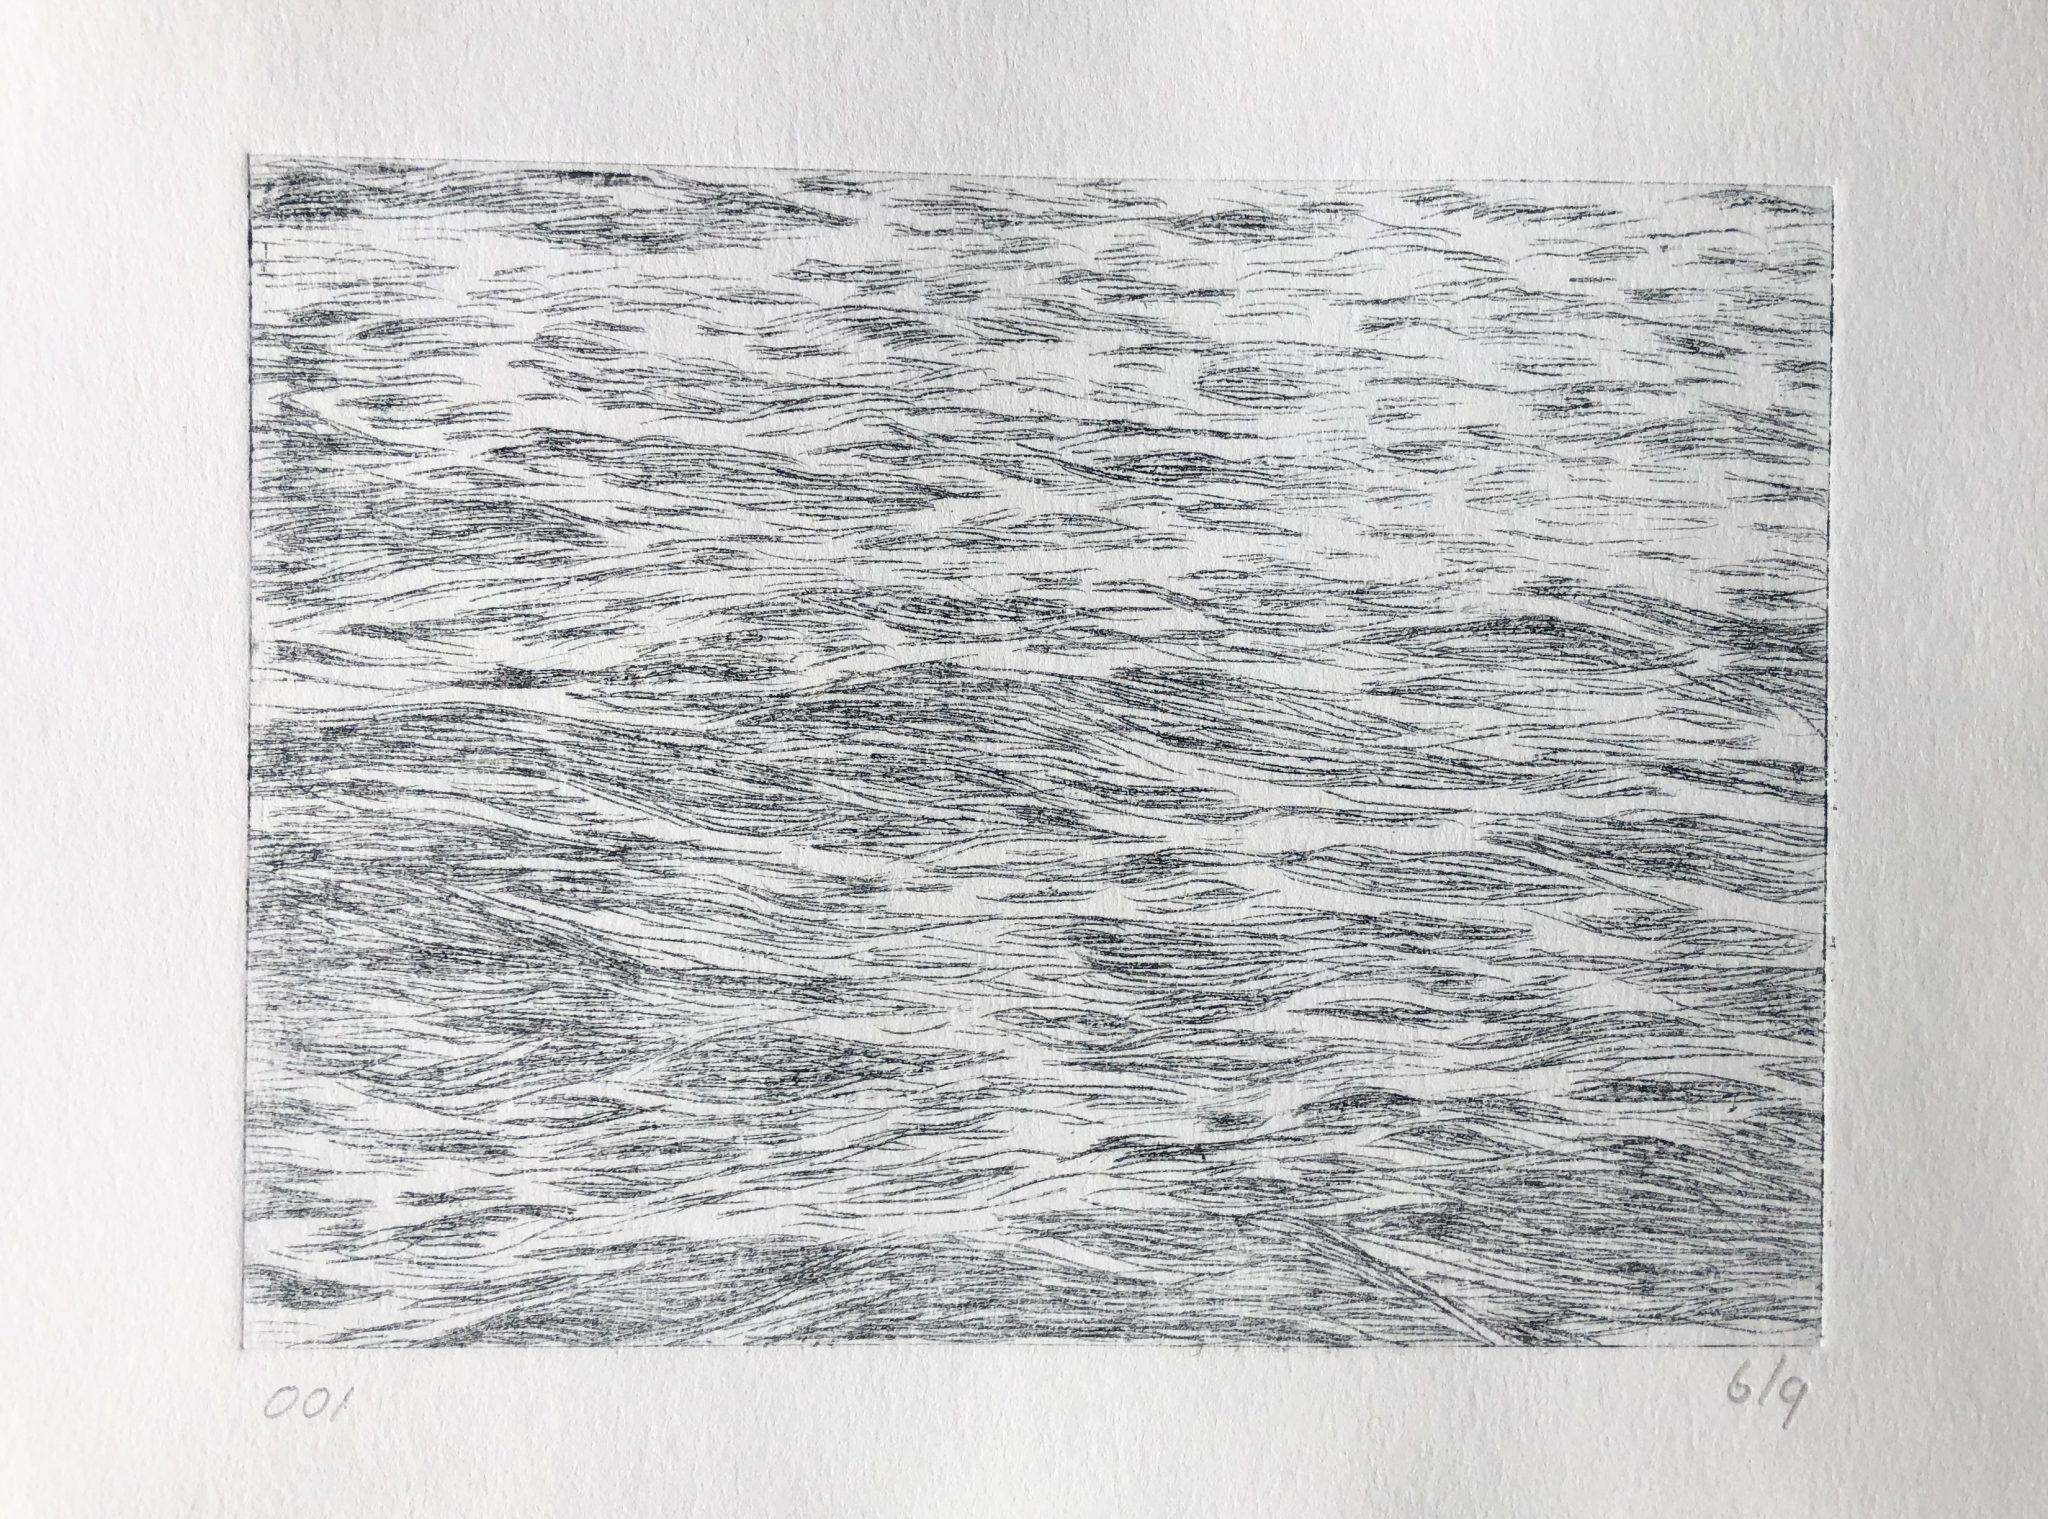 Marine Corinne Vorwerk Smaal Artwork 001